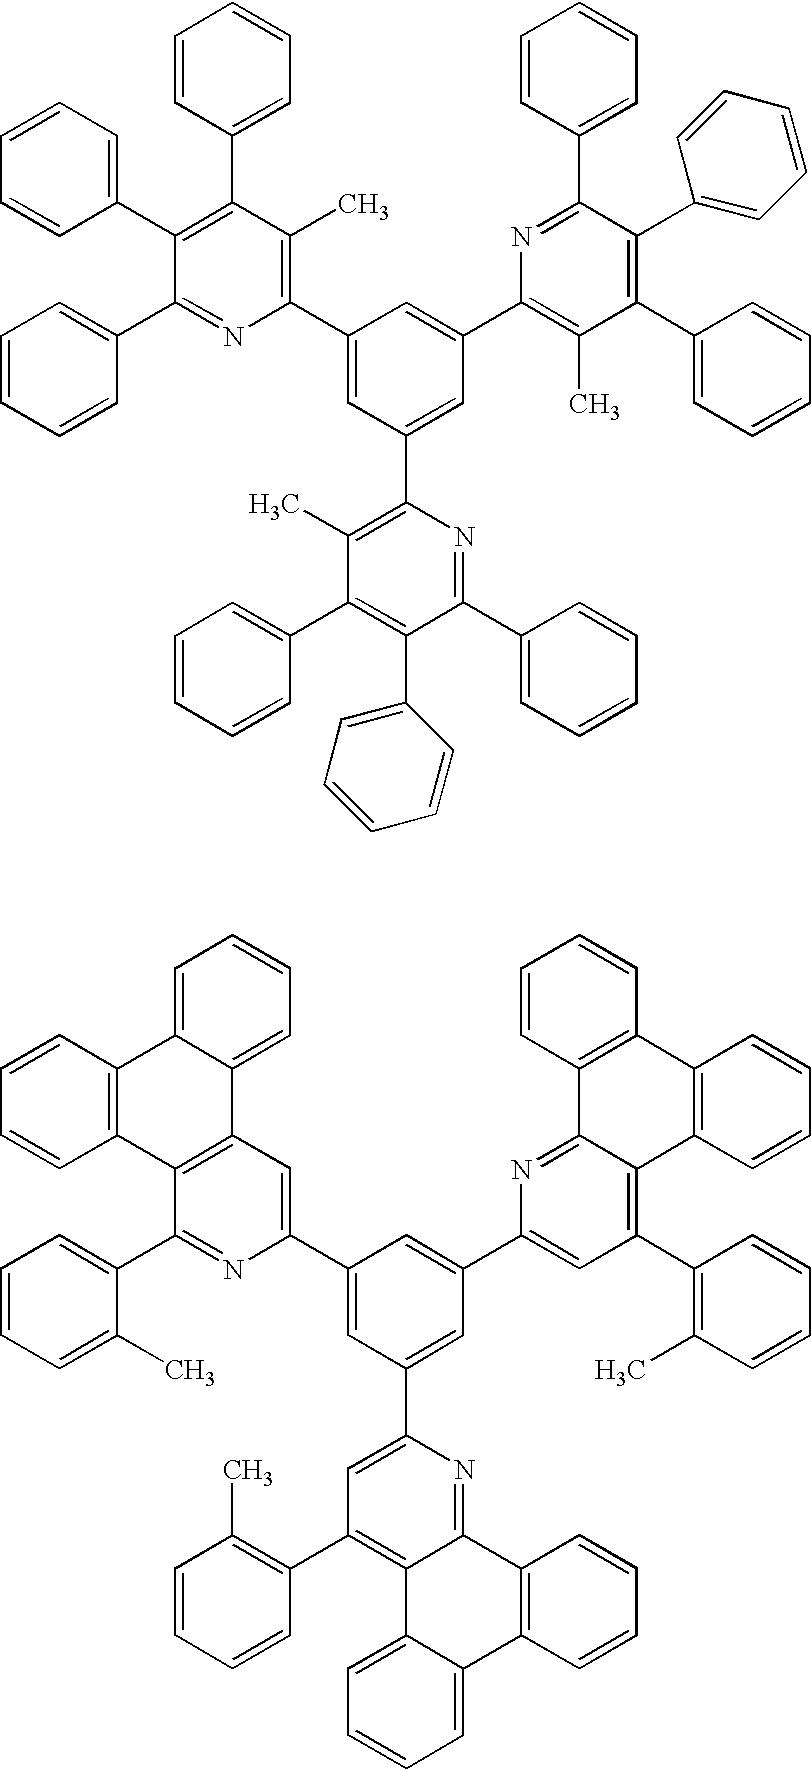 Figure US20060186796A1-20060824-C00111